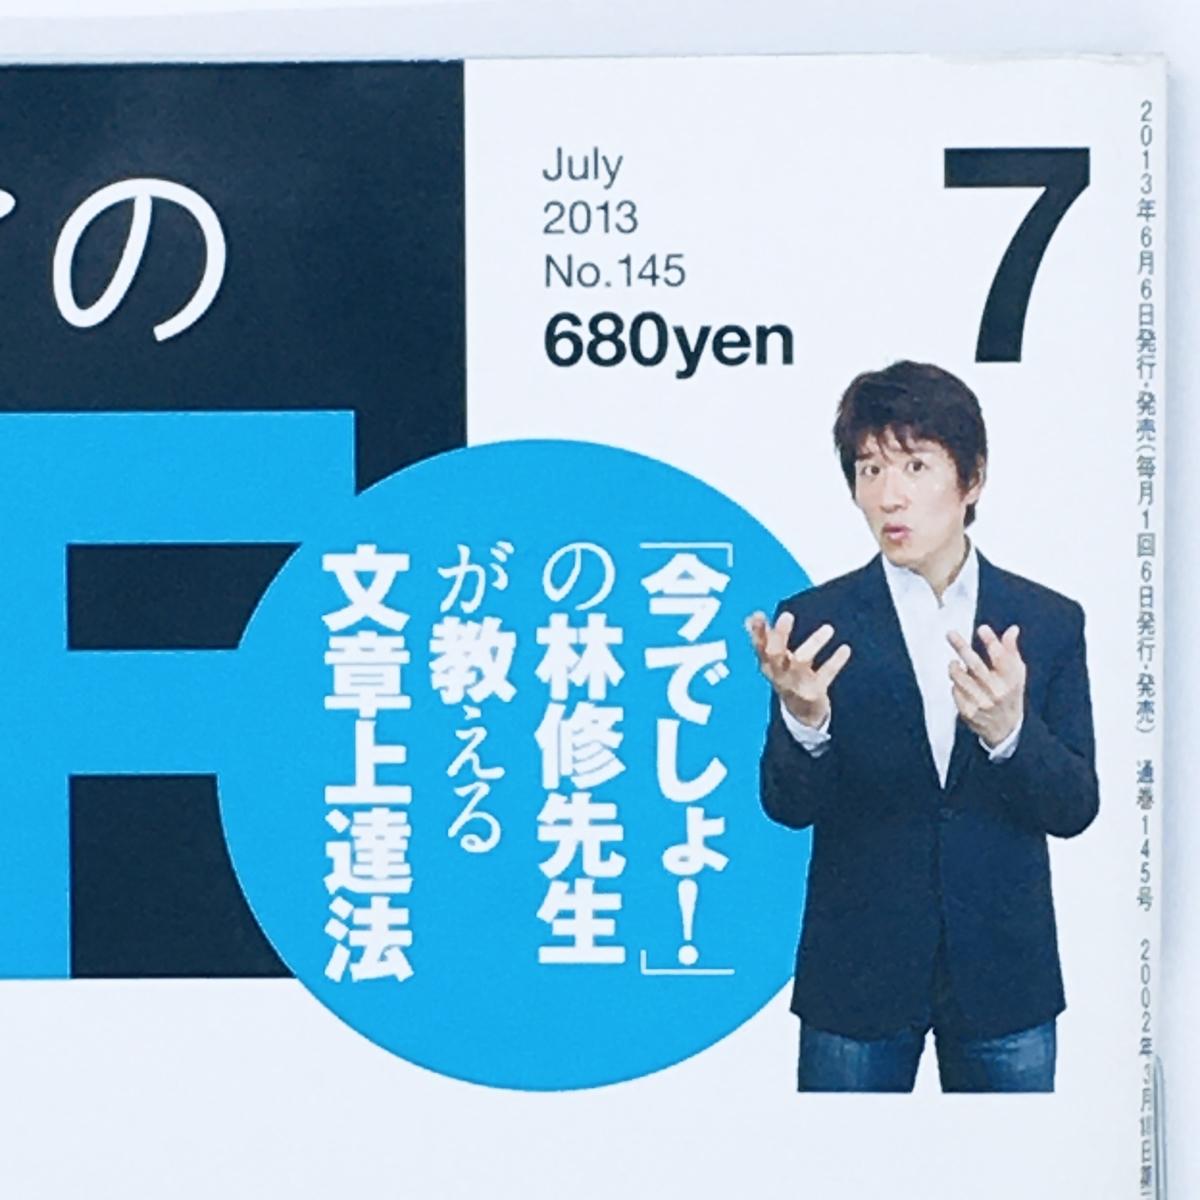 「日経おとなのOFF」の「『美しい日本語を綴る』特集号」は2013年6月に発売していたのでした